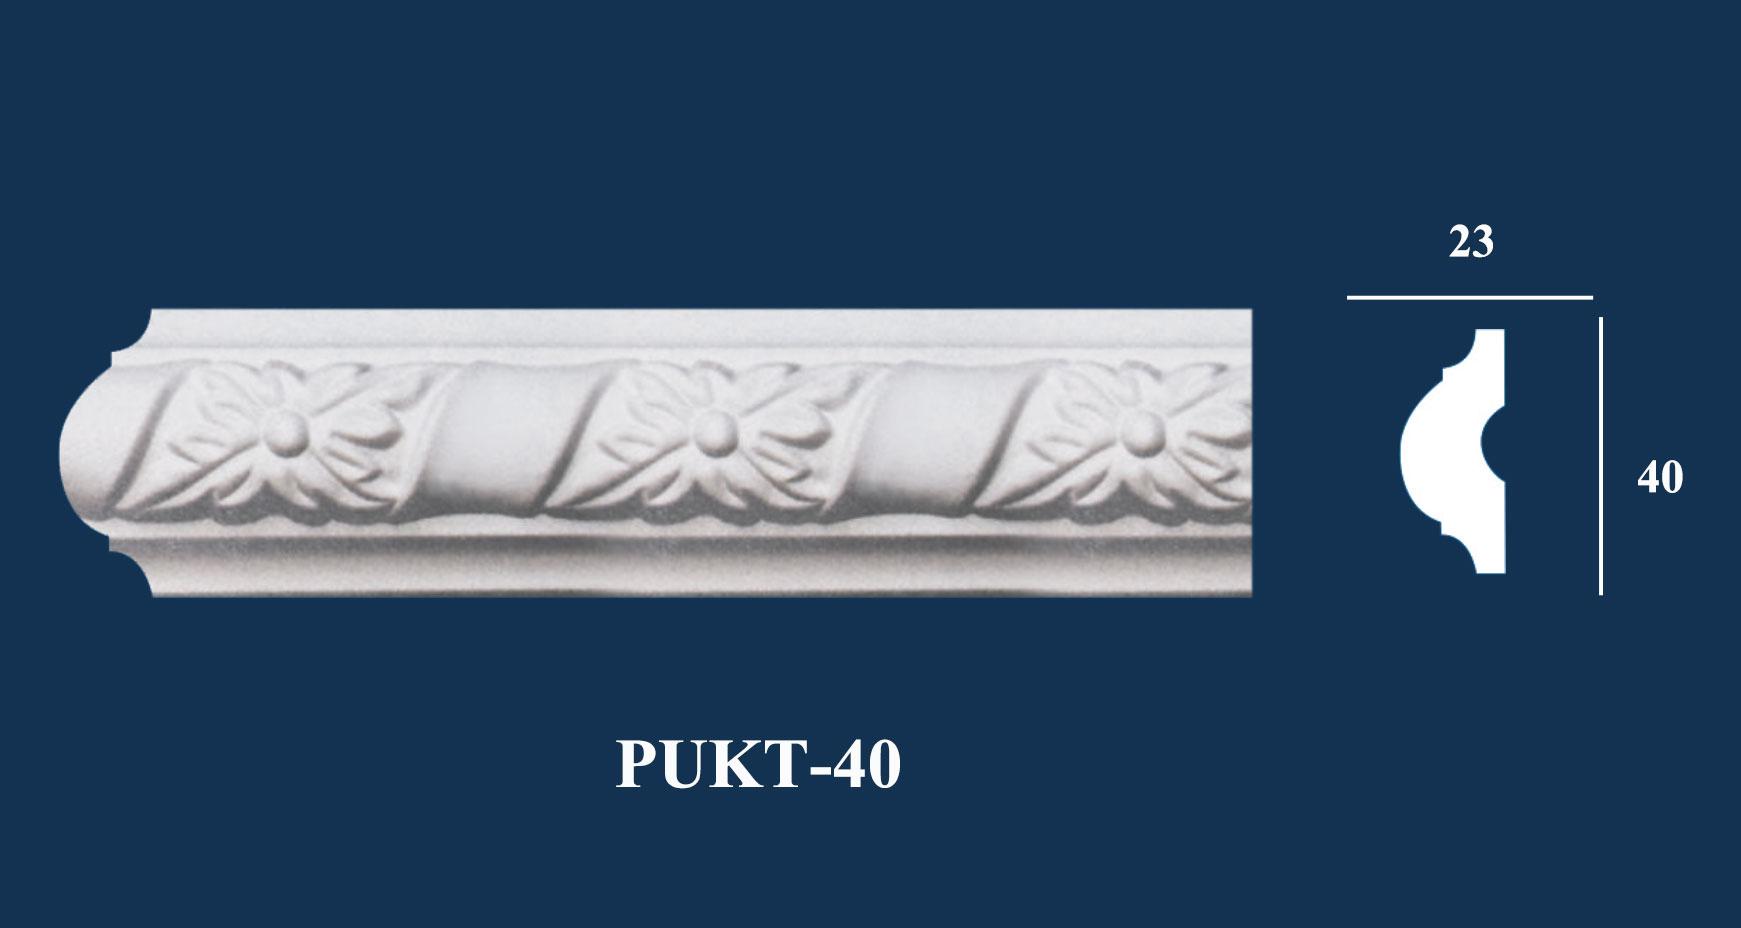 Phào Chỉ Nẹp Hoa Văn - PUKT-40